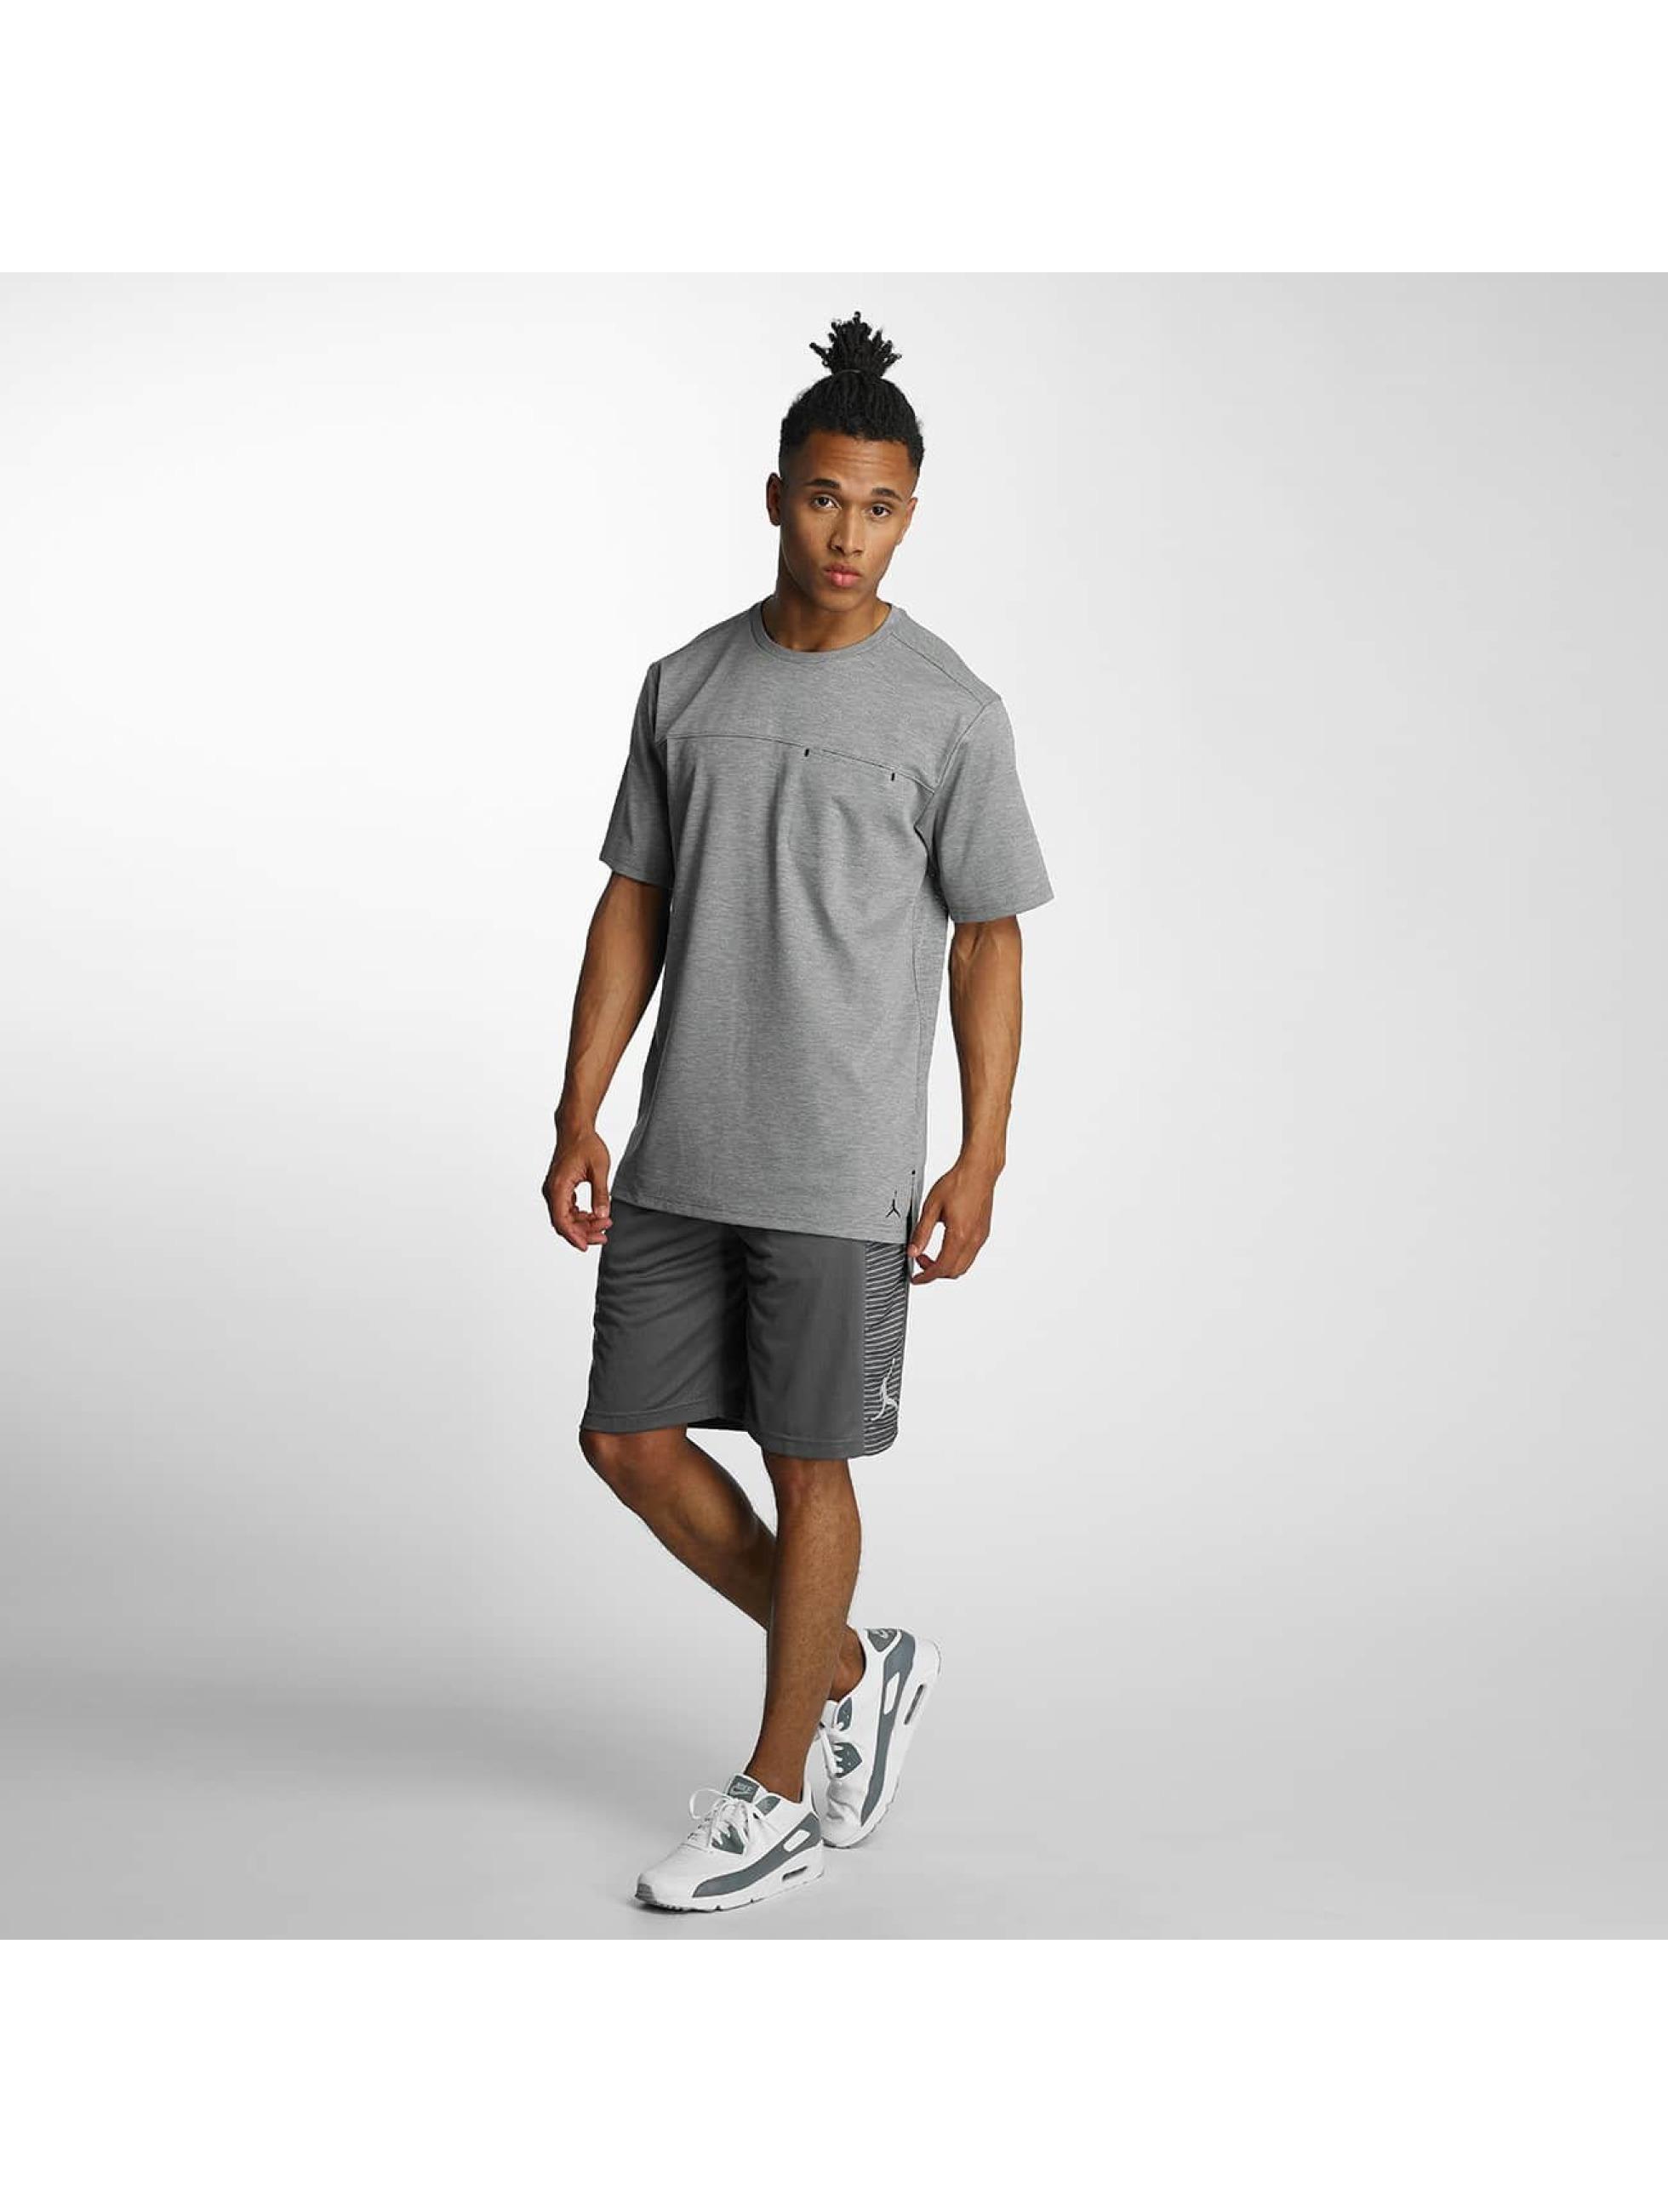 Jordan Short BSK Game grey